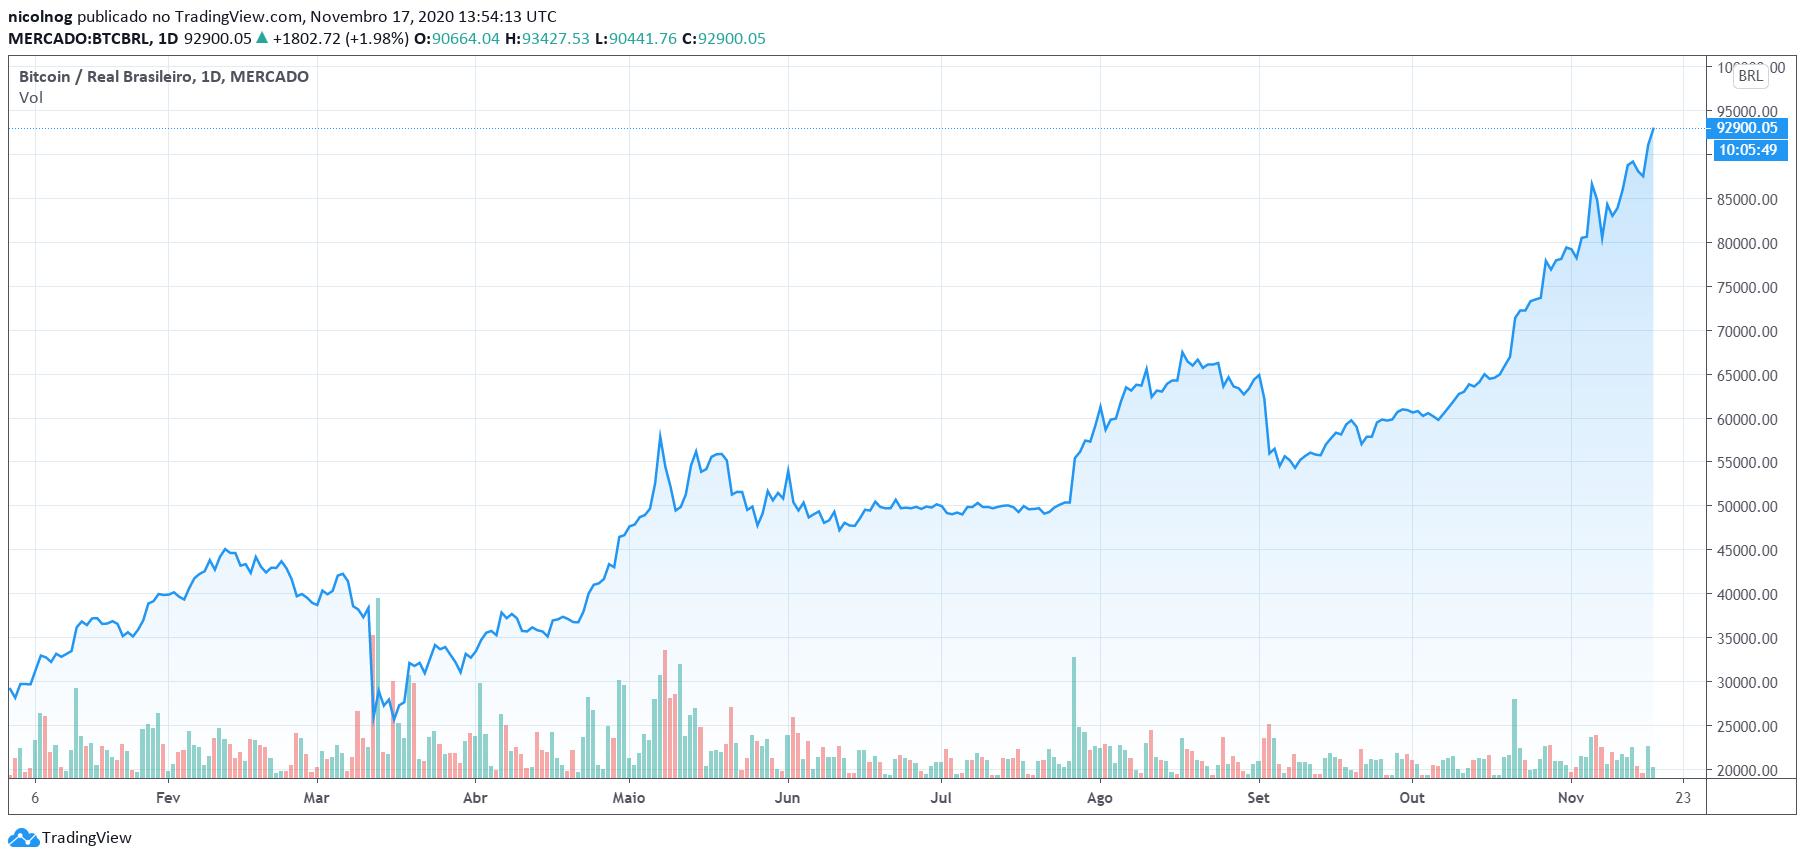 Preço do Bitcoin em 2020